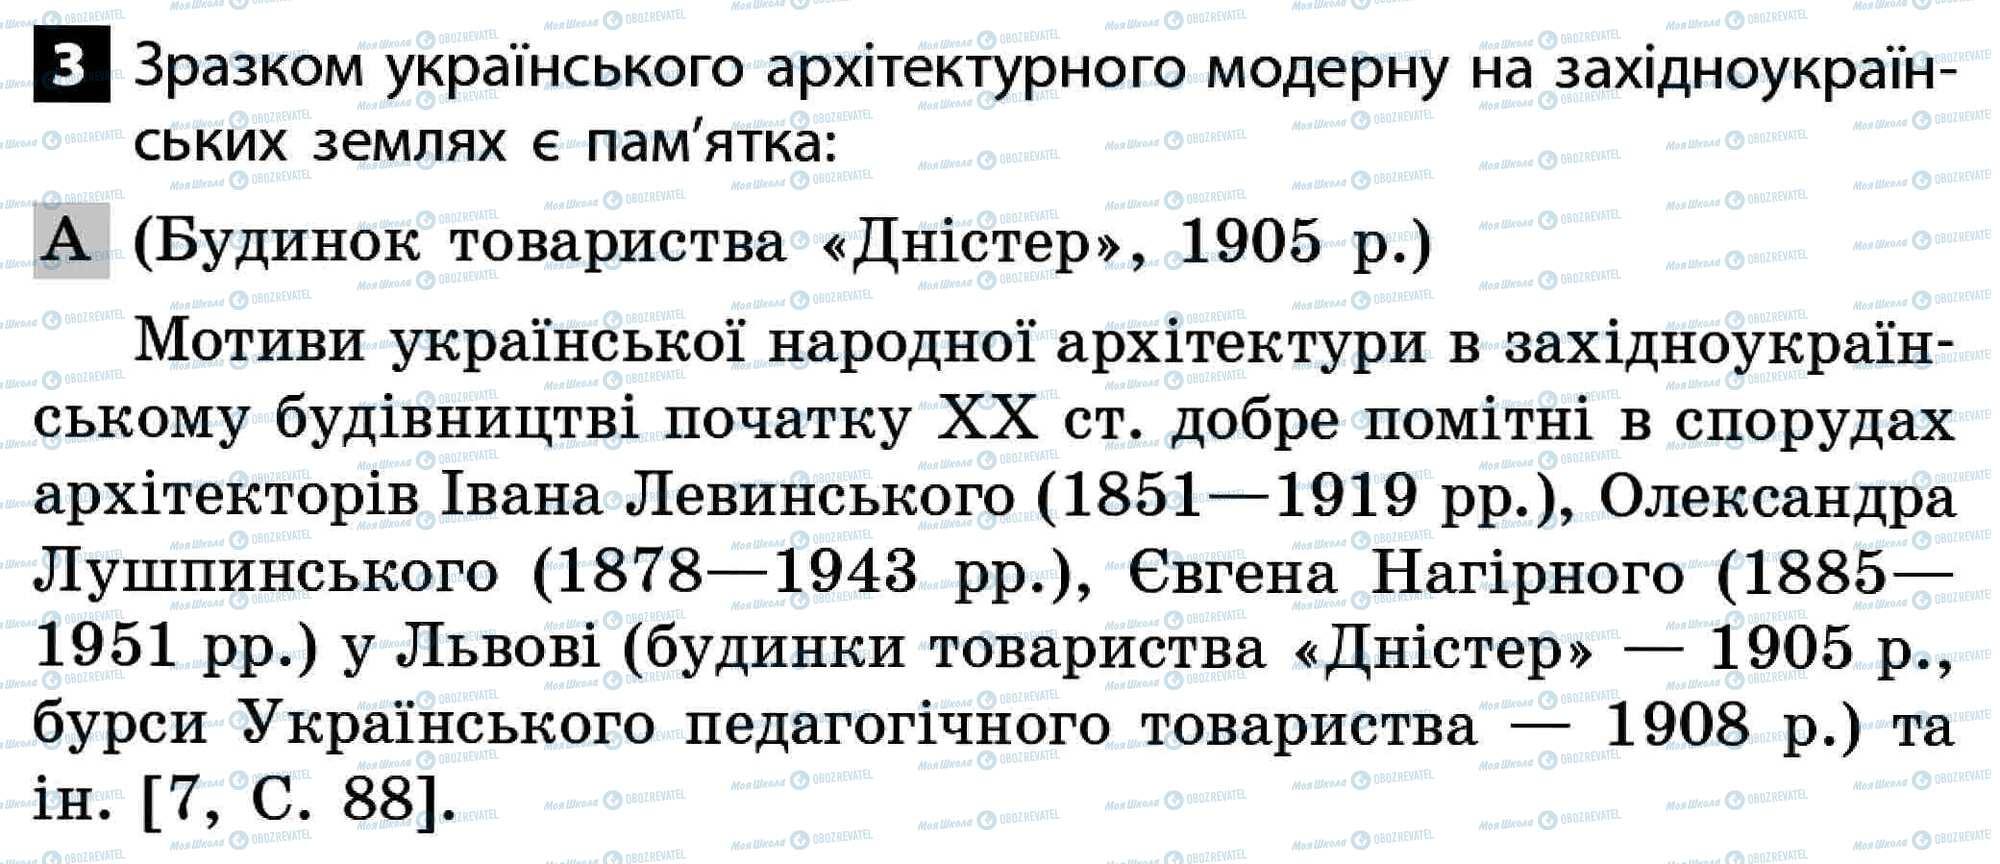 ДПА Історія України 11 клас сторінка 3